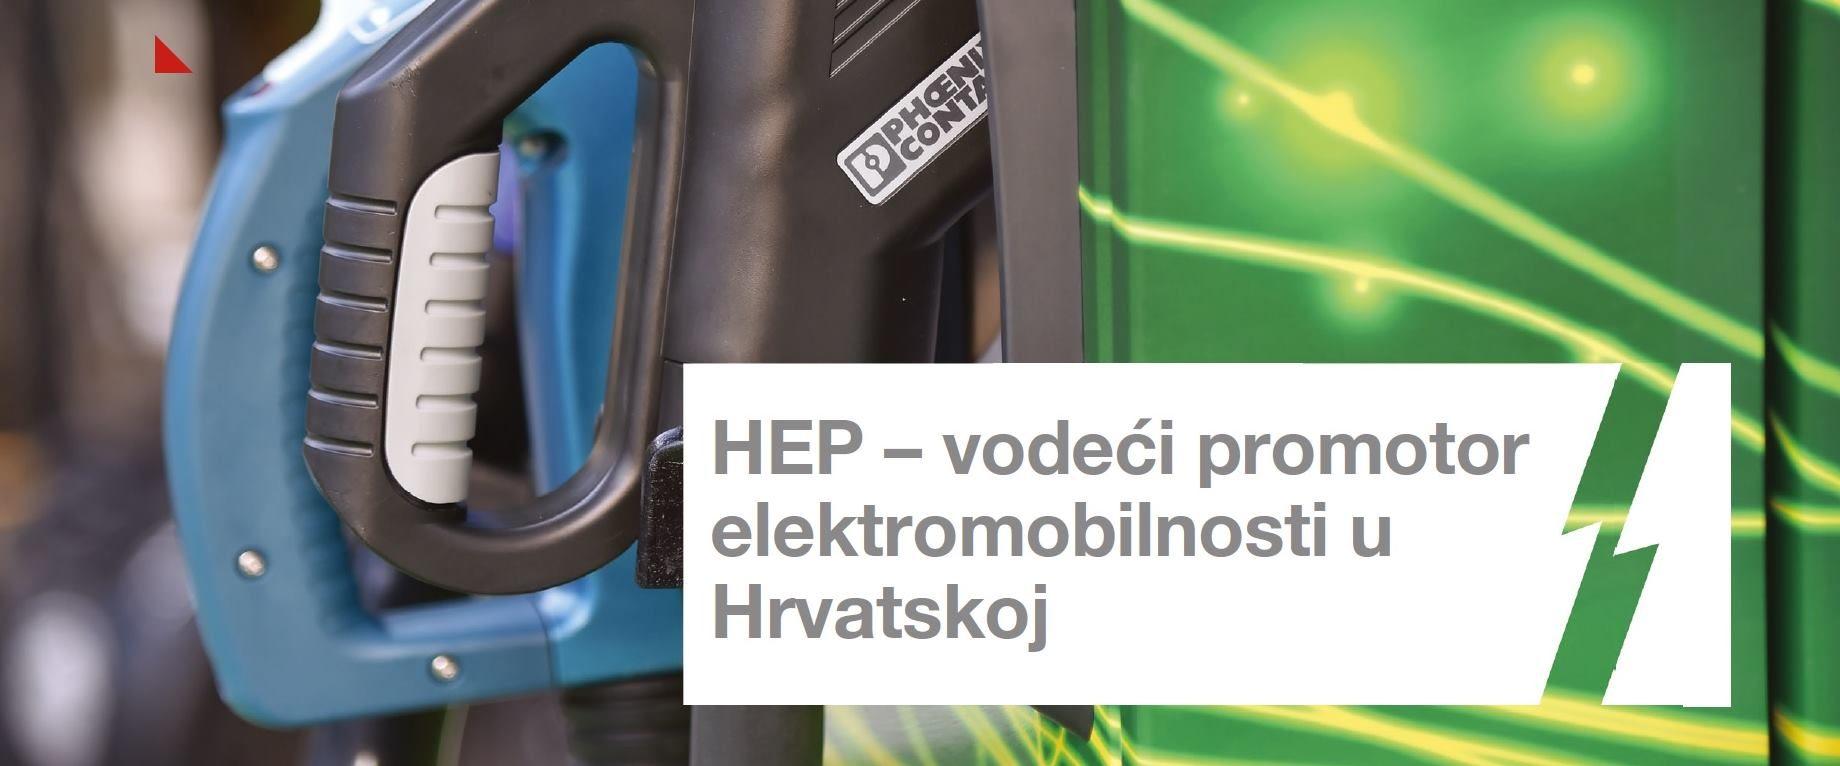 HEP – vodeći promotor elektromobilnosti u Hrvatskoj